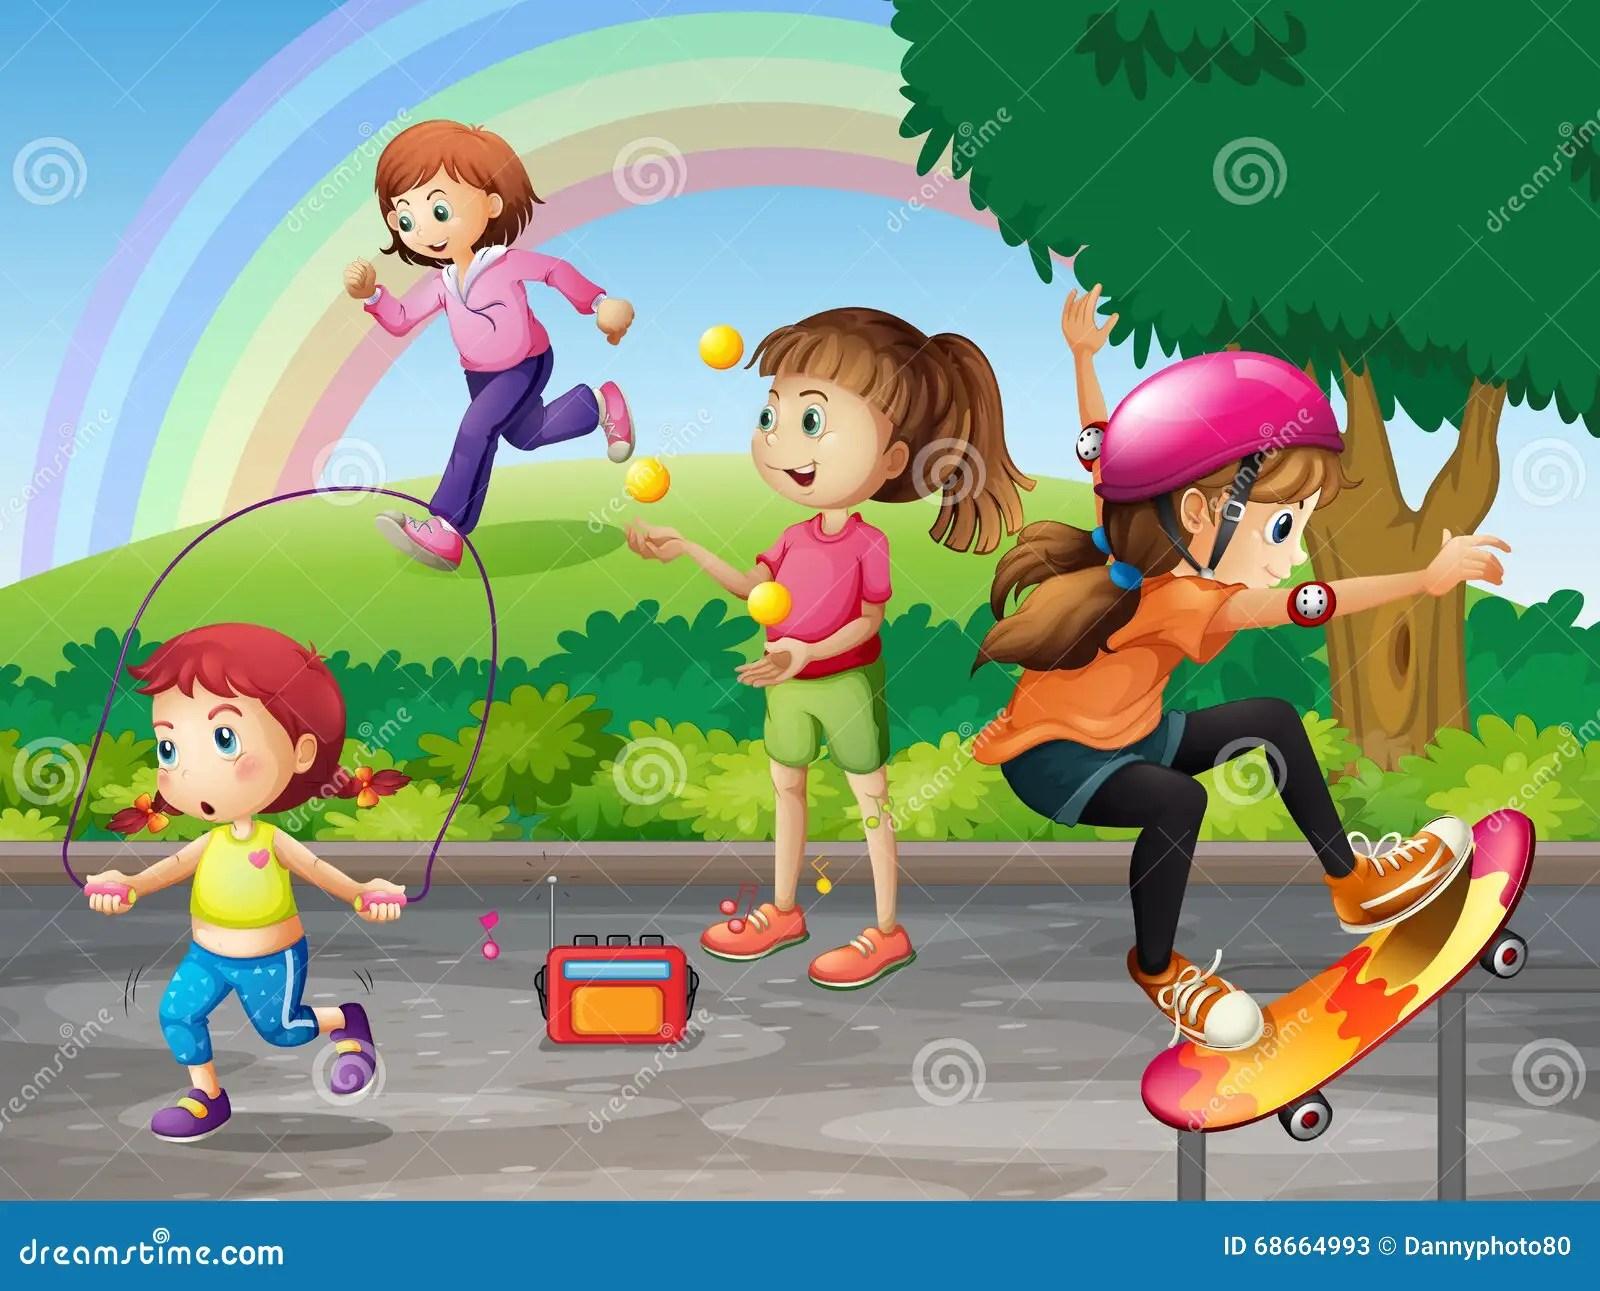 Kids Doing Activities In The Park Stock Vector